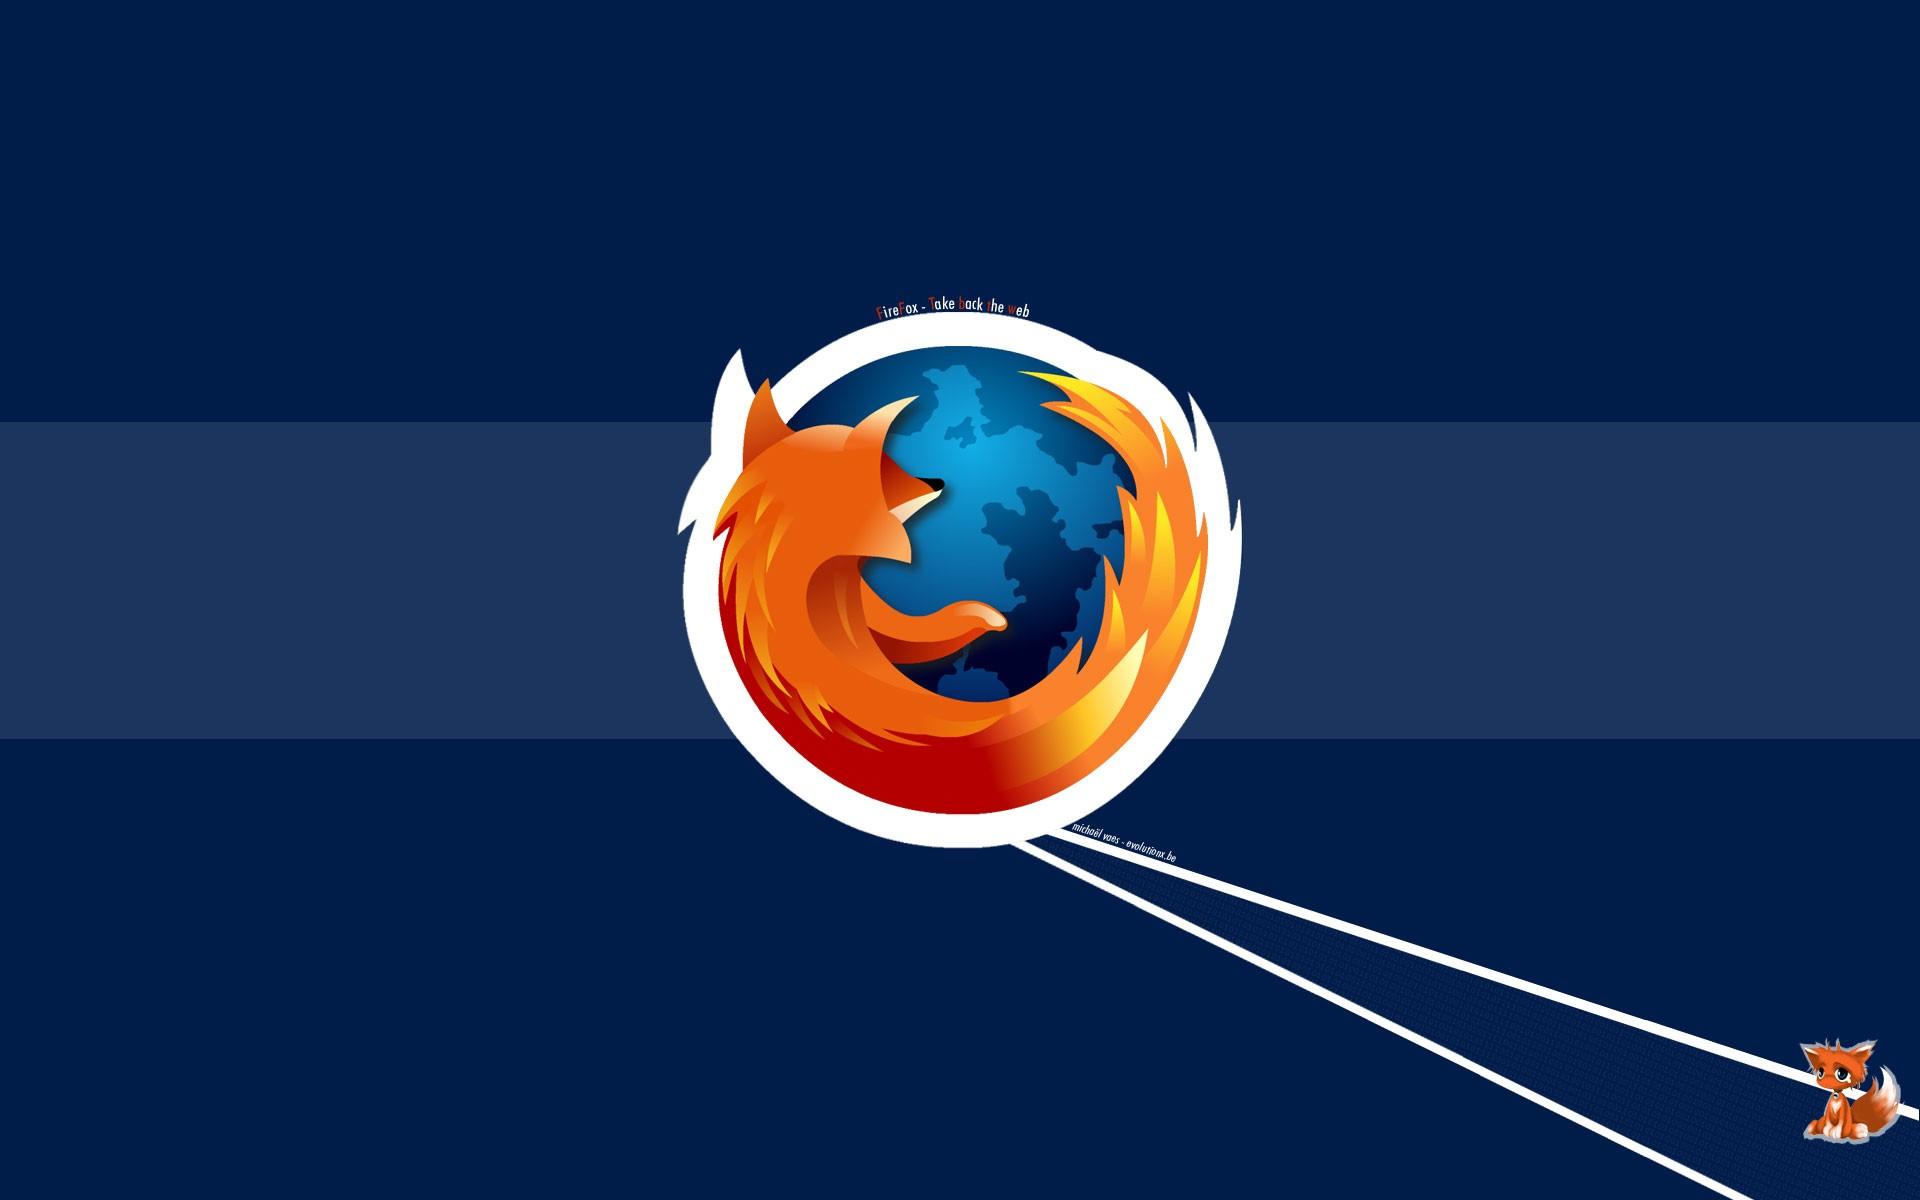 скачать обои логотипы: